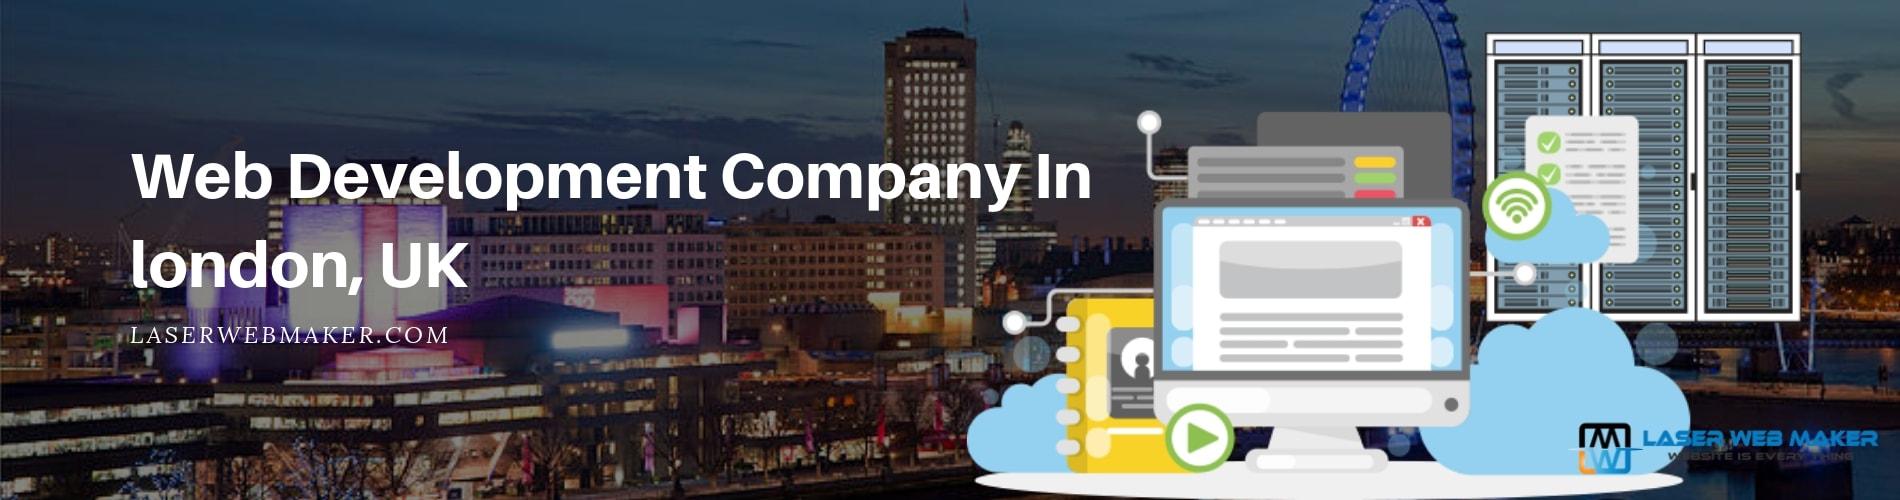 web development company in london uk